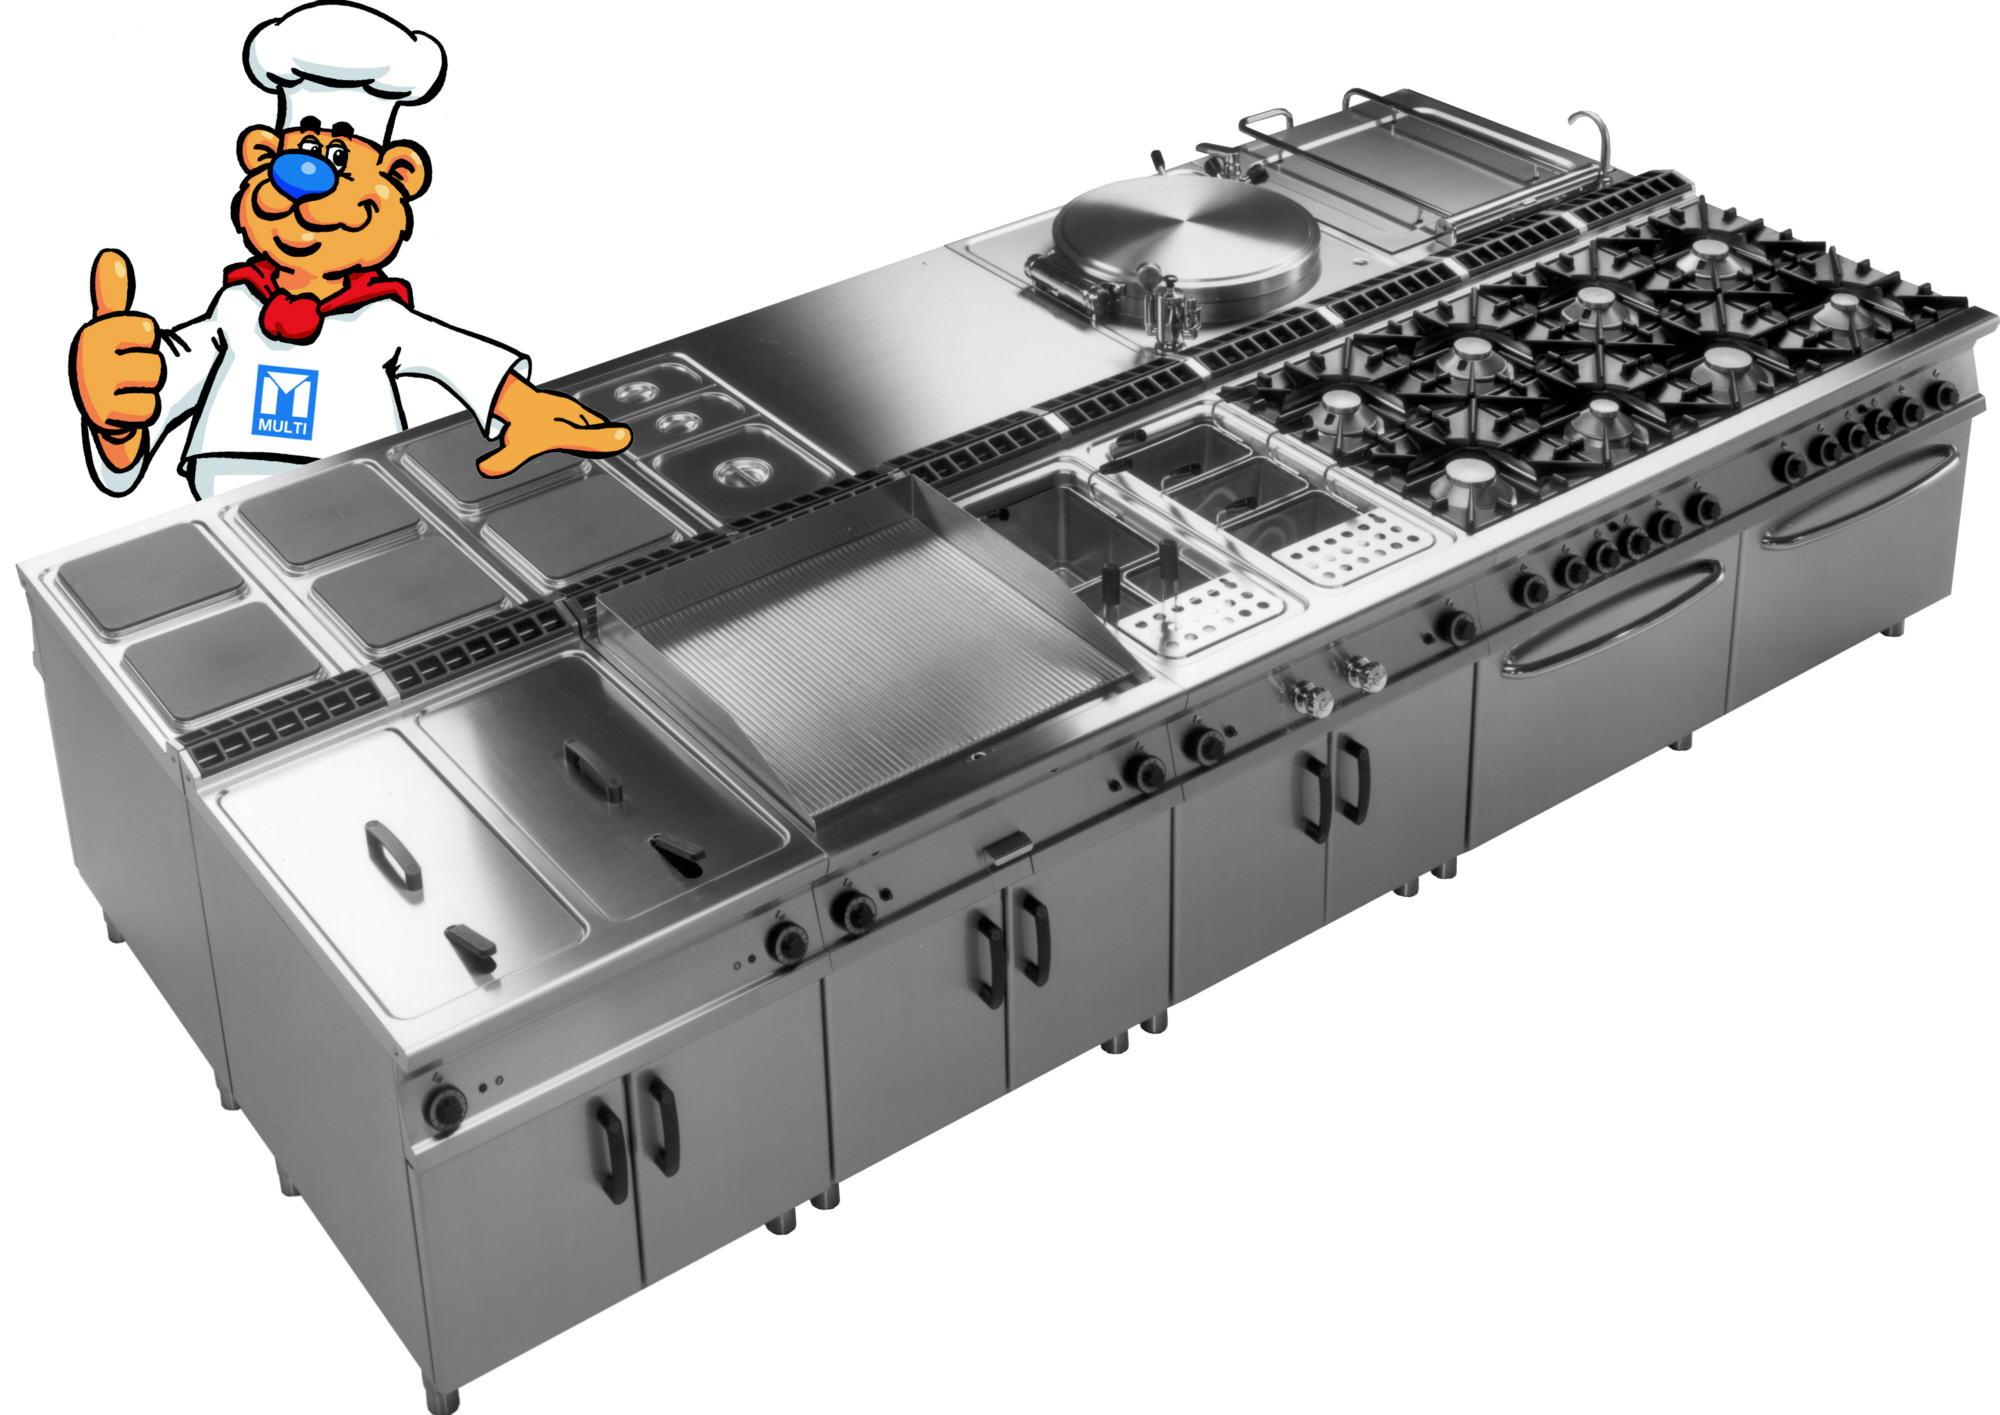 multi großküchenchen gmbh - ihr partner für die profiküche - Geschirrspüler Großküche